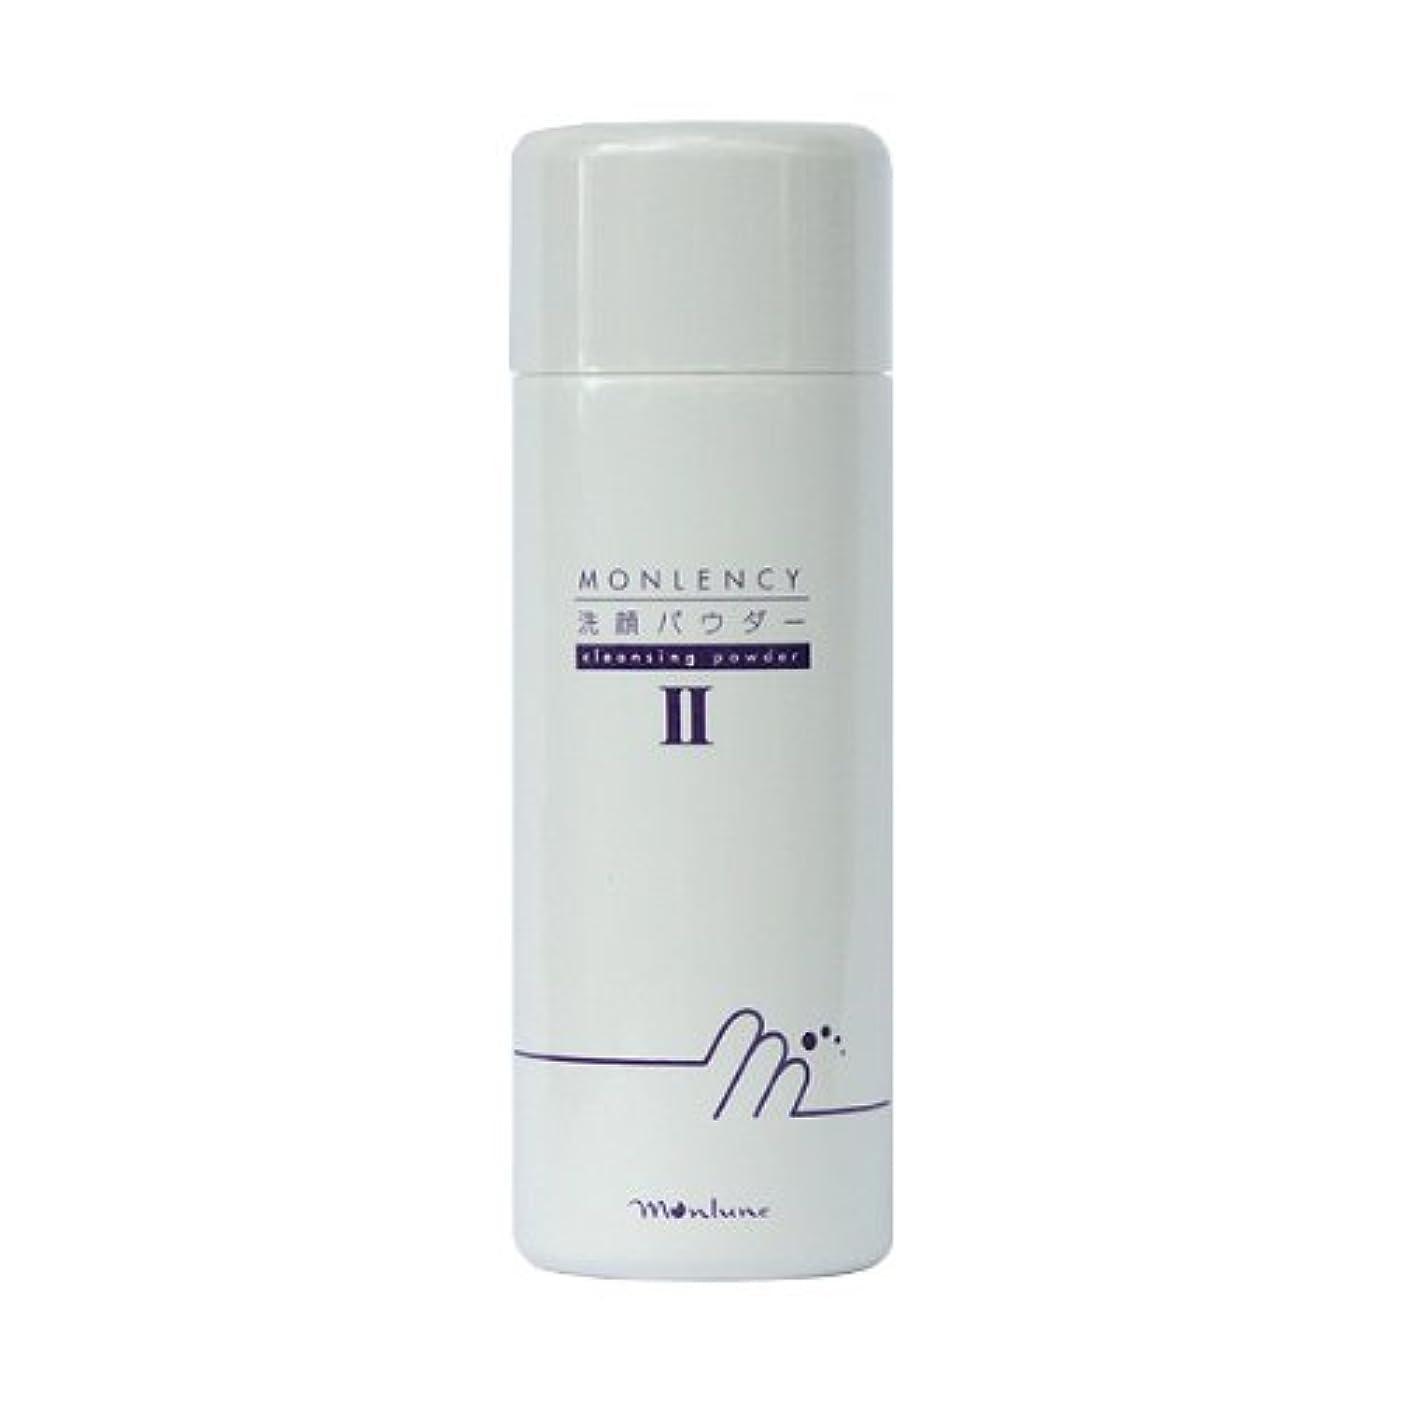 求める人工的なスカーフモンルナ モンレンシーII 洗顔パウダー 容量110g